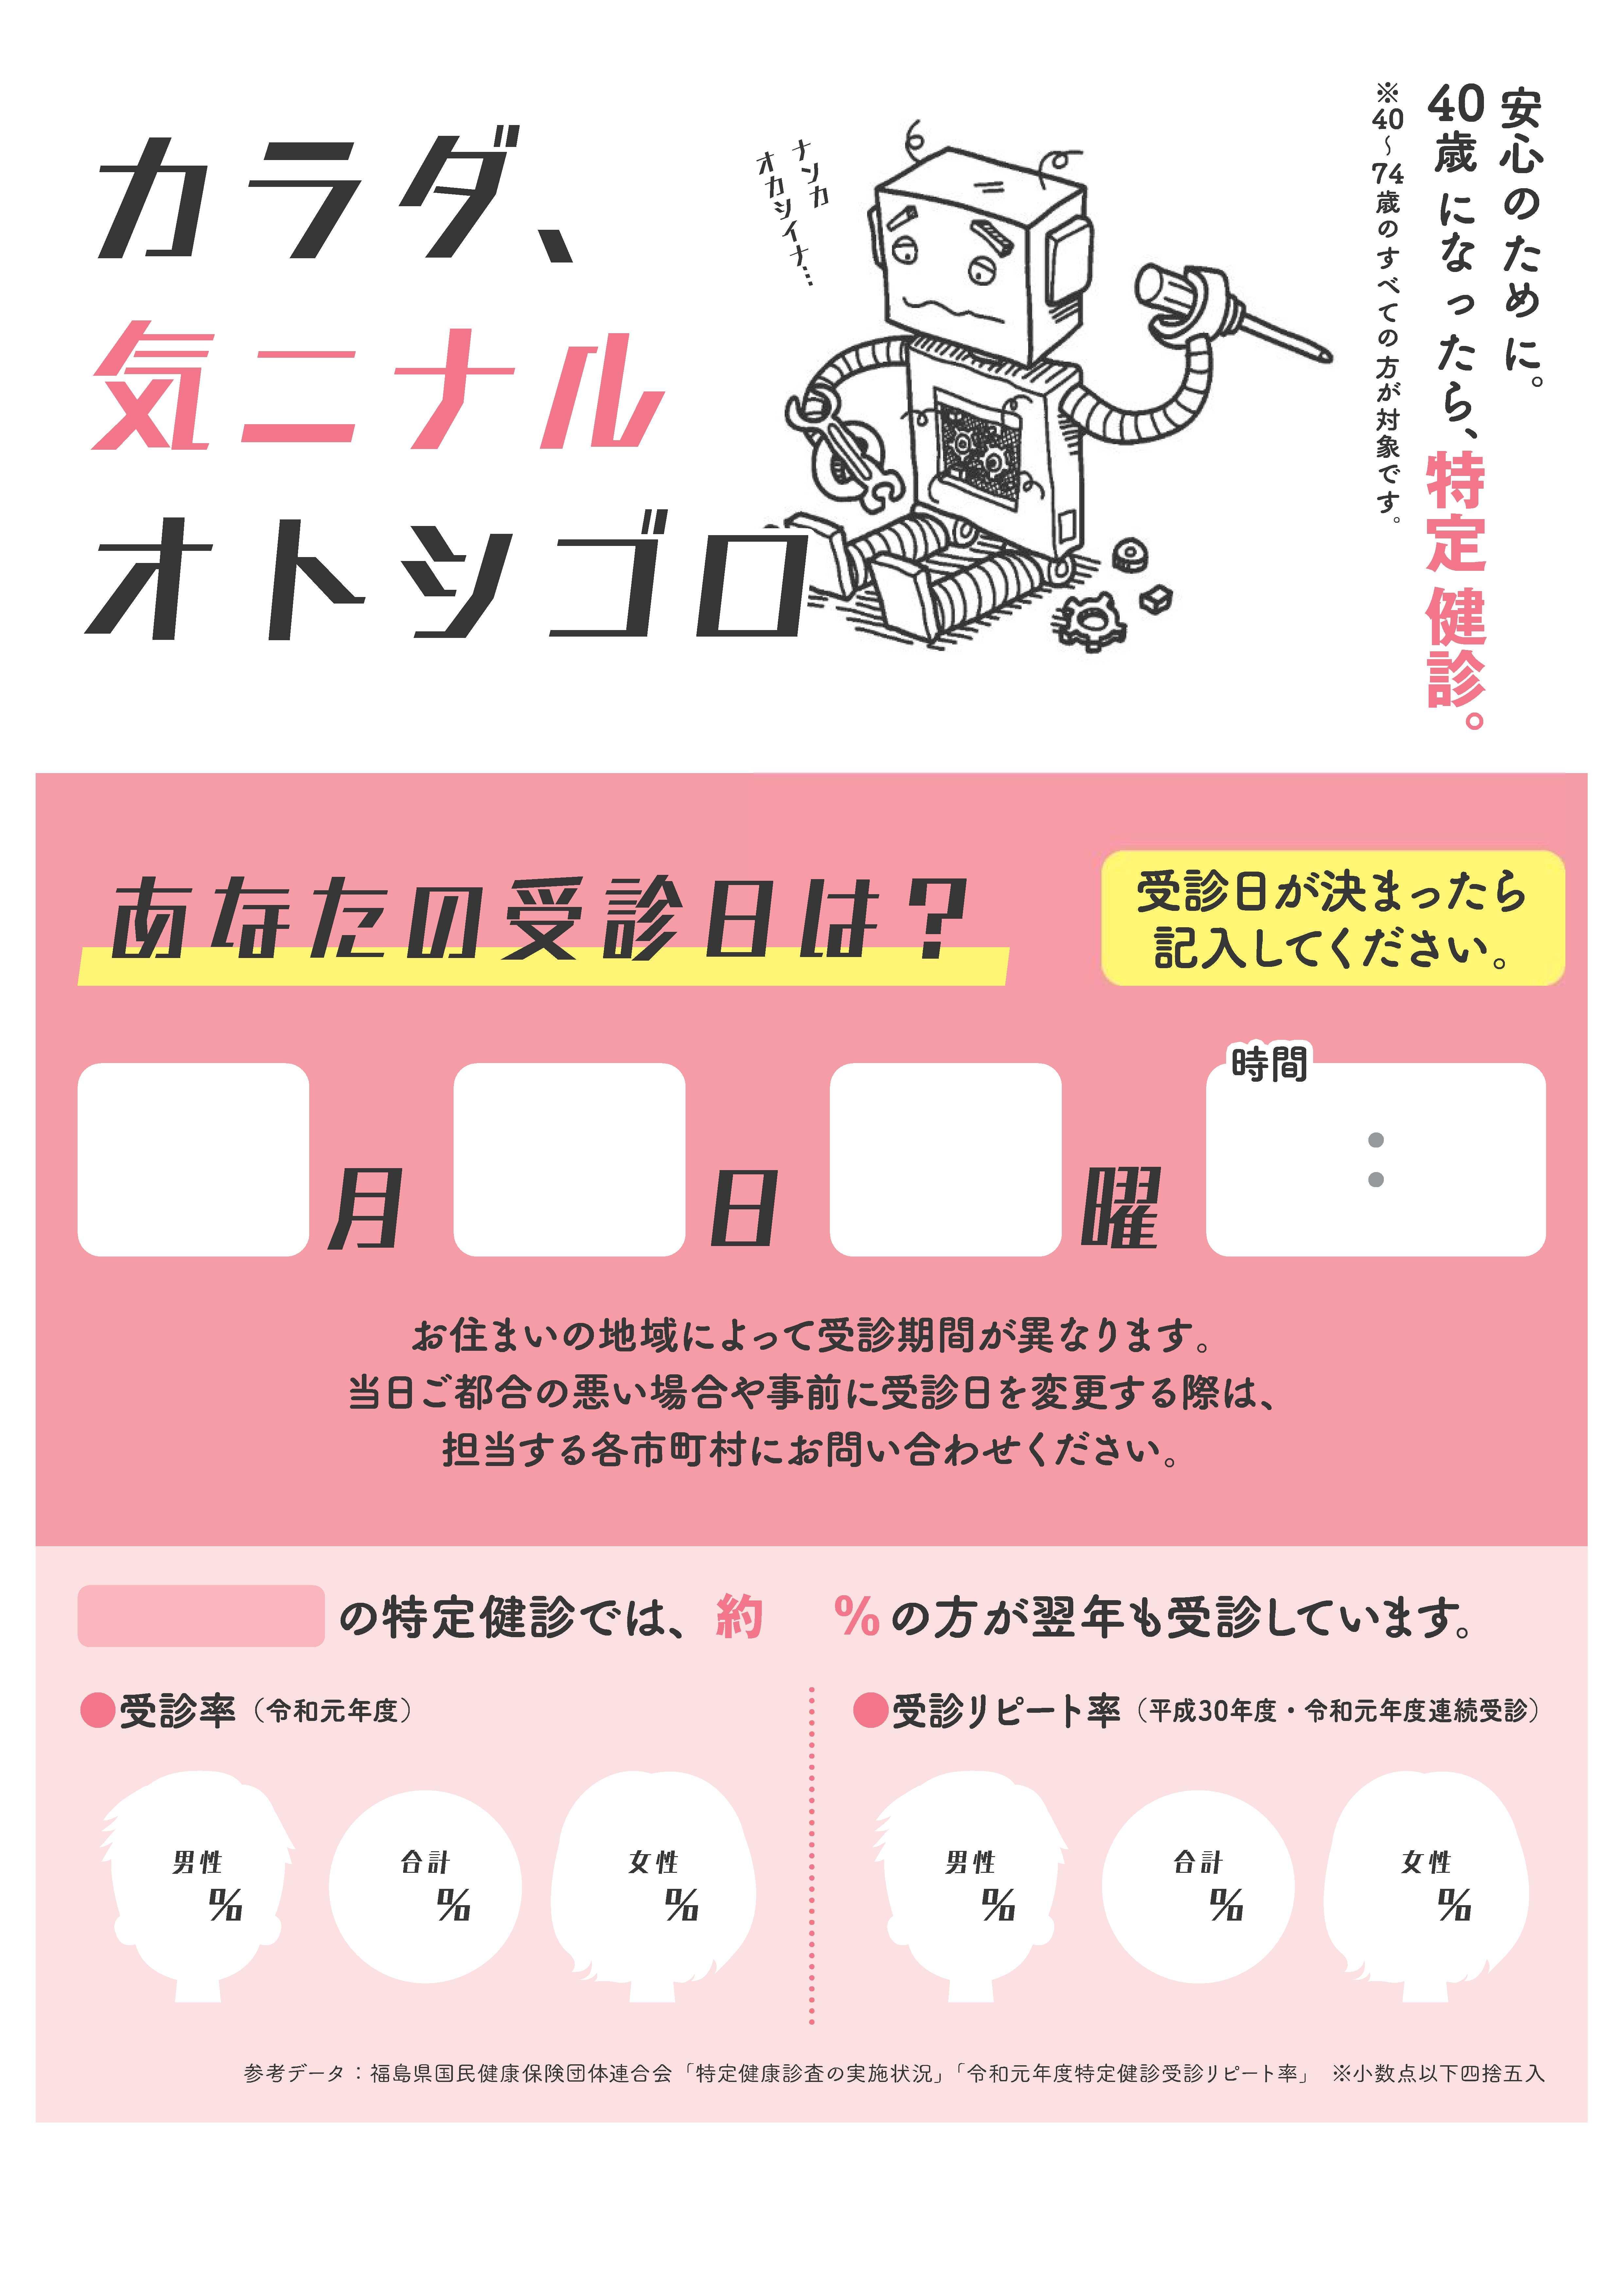 特定健診受診勧奨リーフレット_2021_表紙.jpg